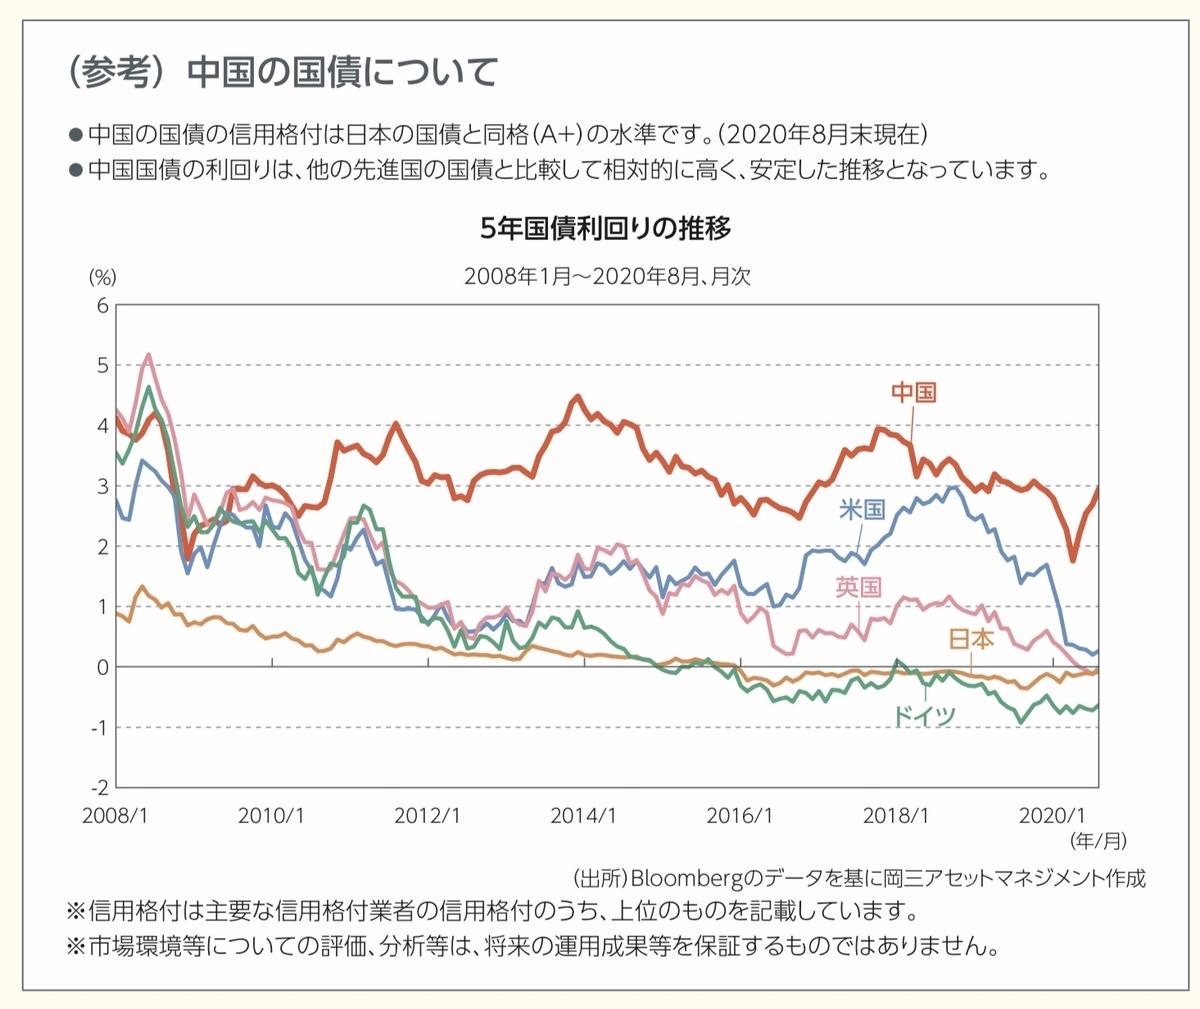 f:id:US-Stocks:20201230150150j:plain